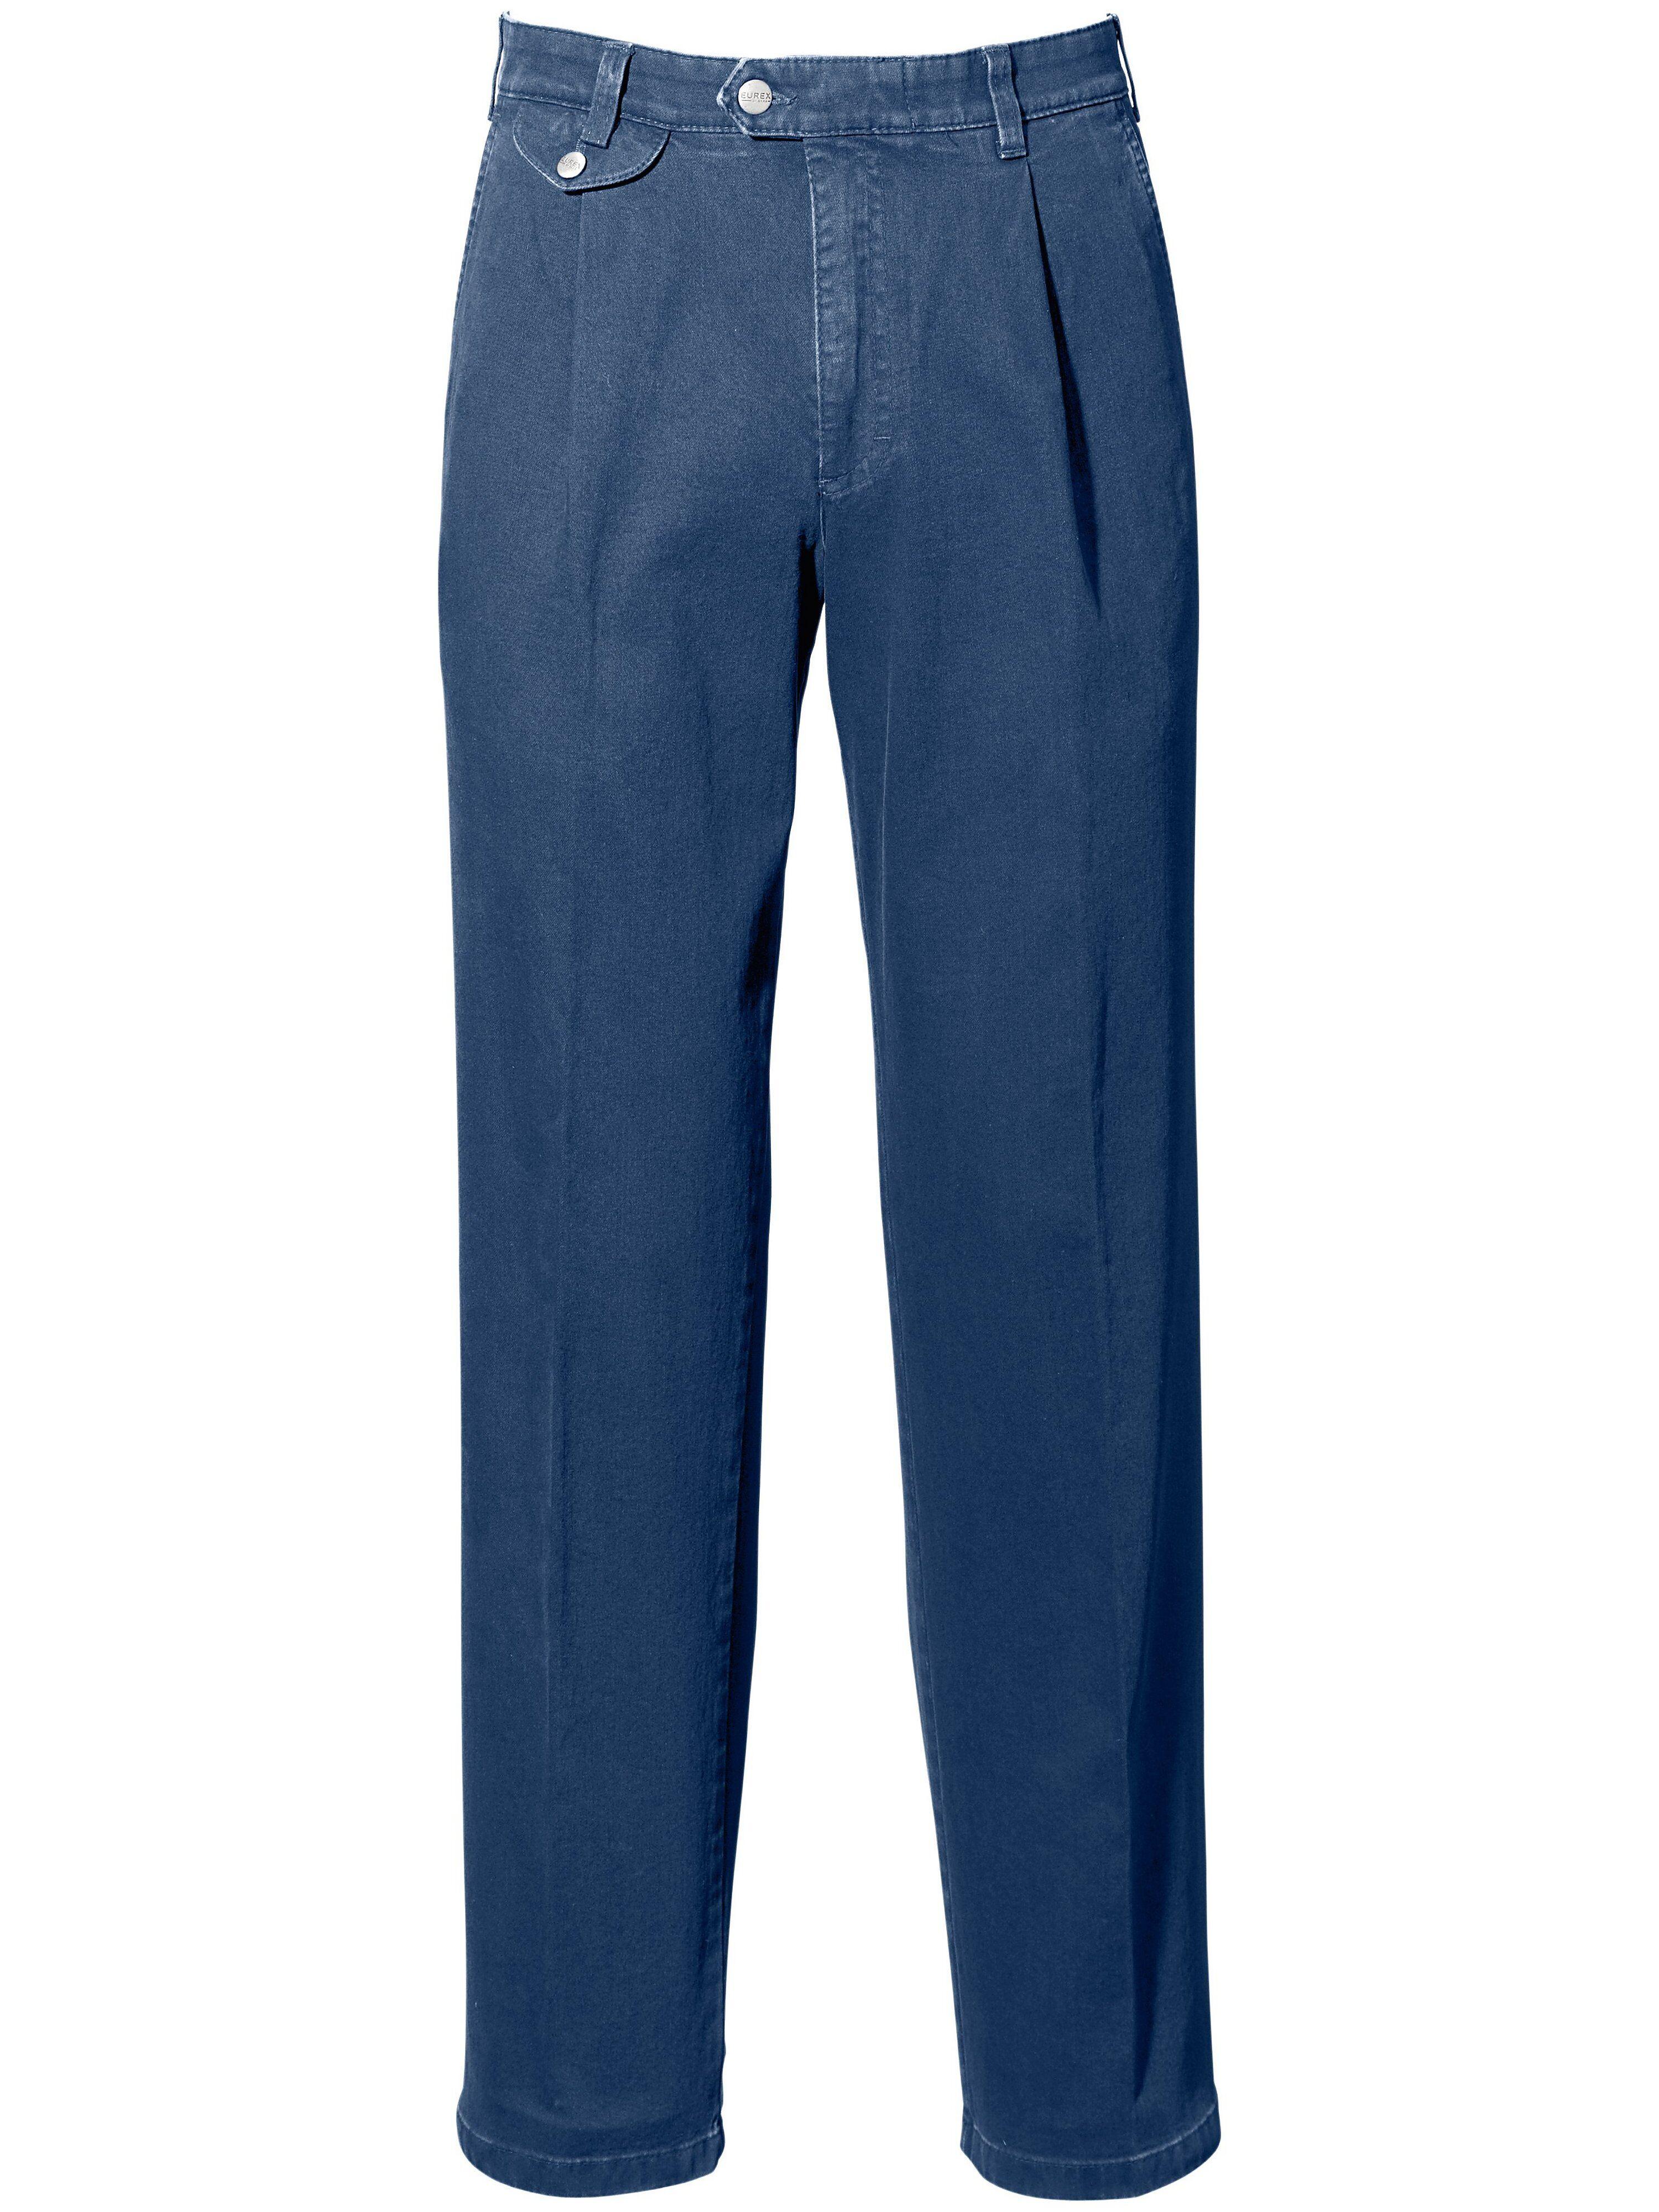 Brax Le jean à pinces modèle Fred  Eurex by Brax denim  - Homme - 25